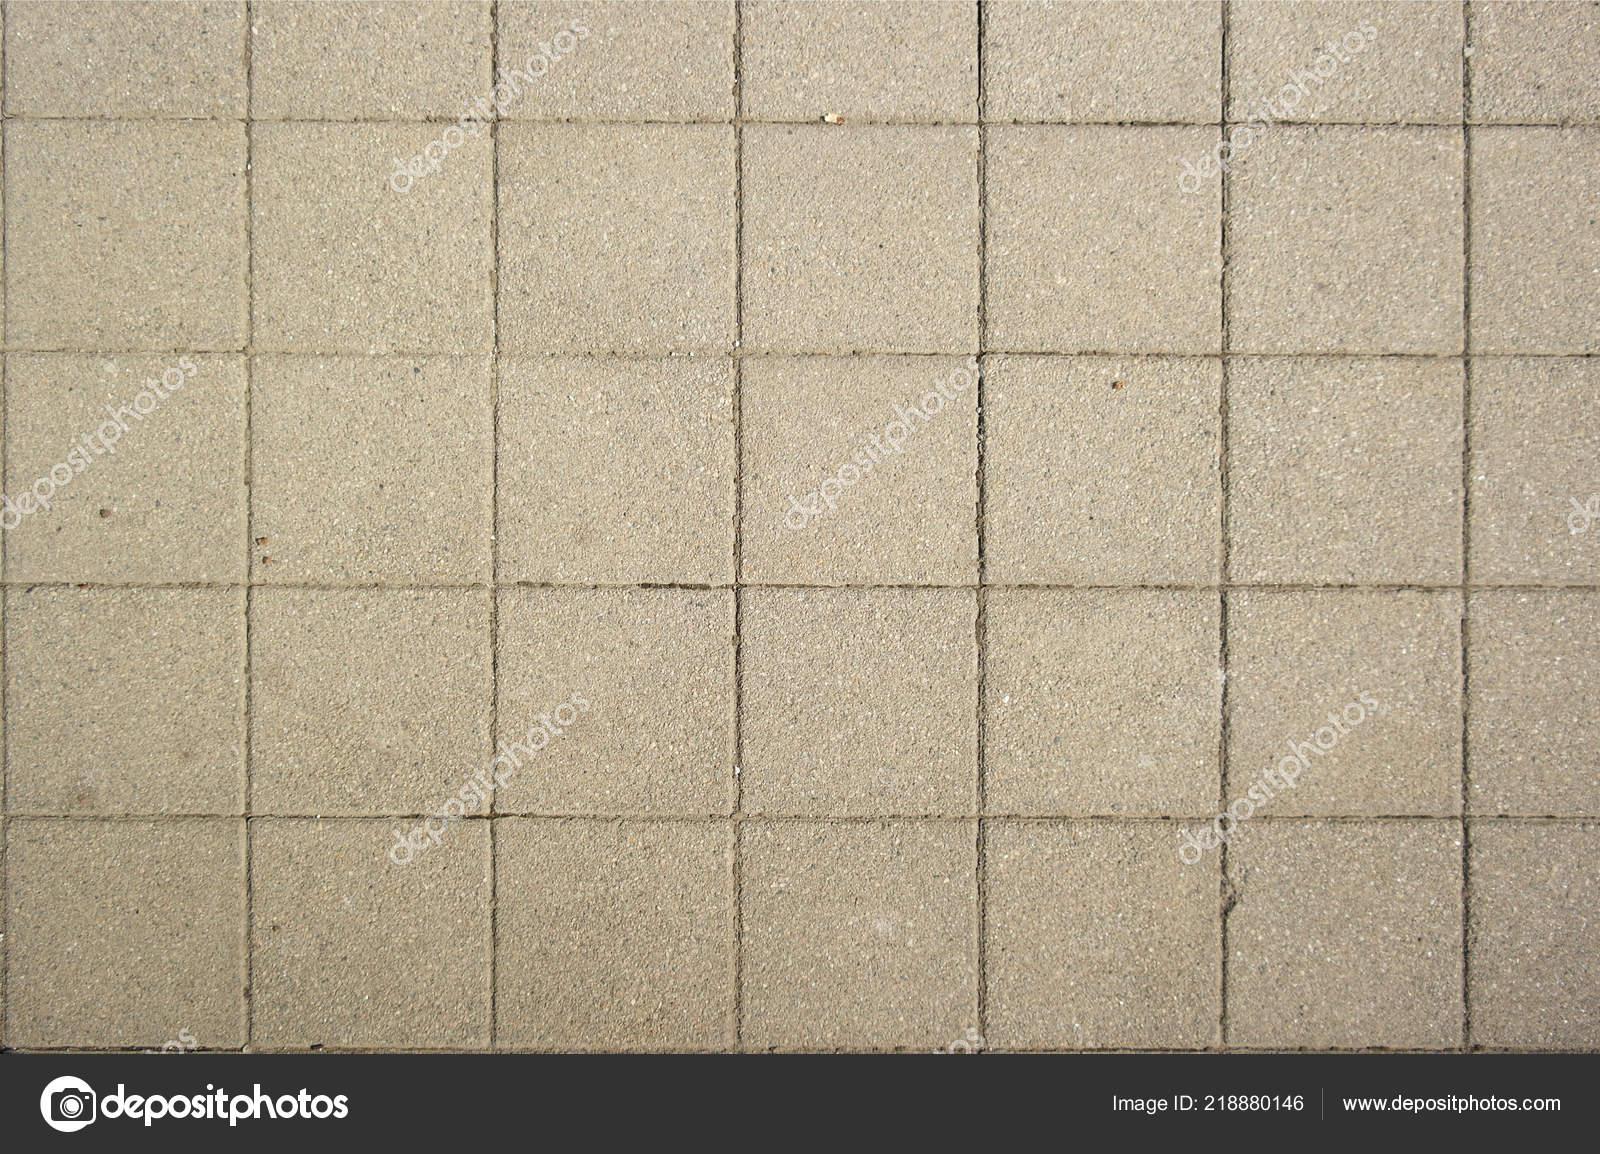 Texture piastrelle ceramica una giornata sole limpido u foto stock